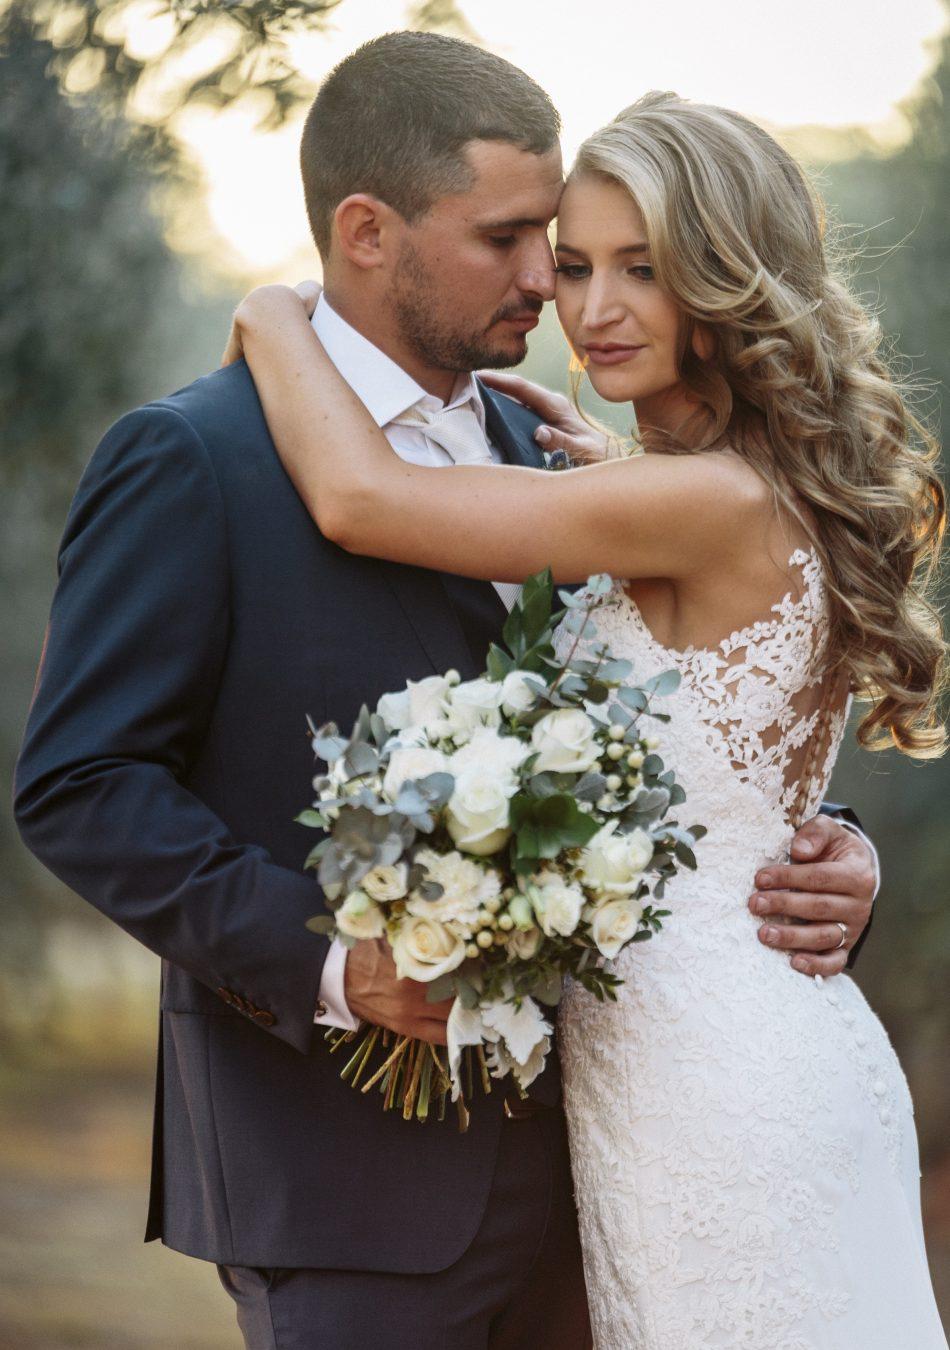 wandin valley estate wedding flowers willa floral design